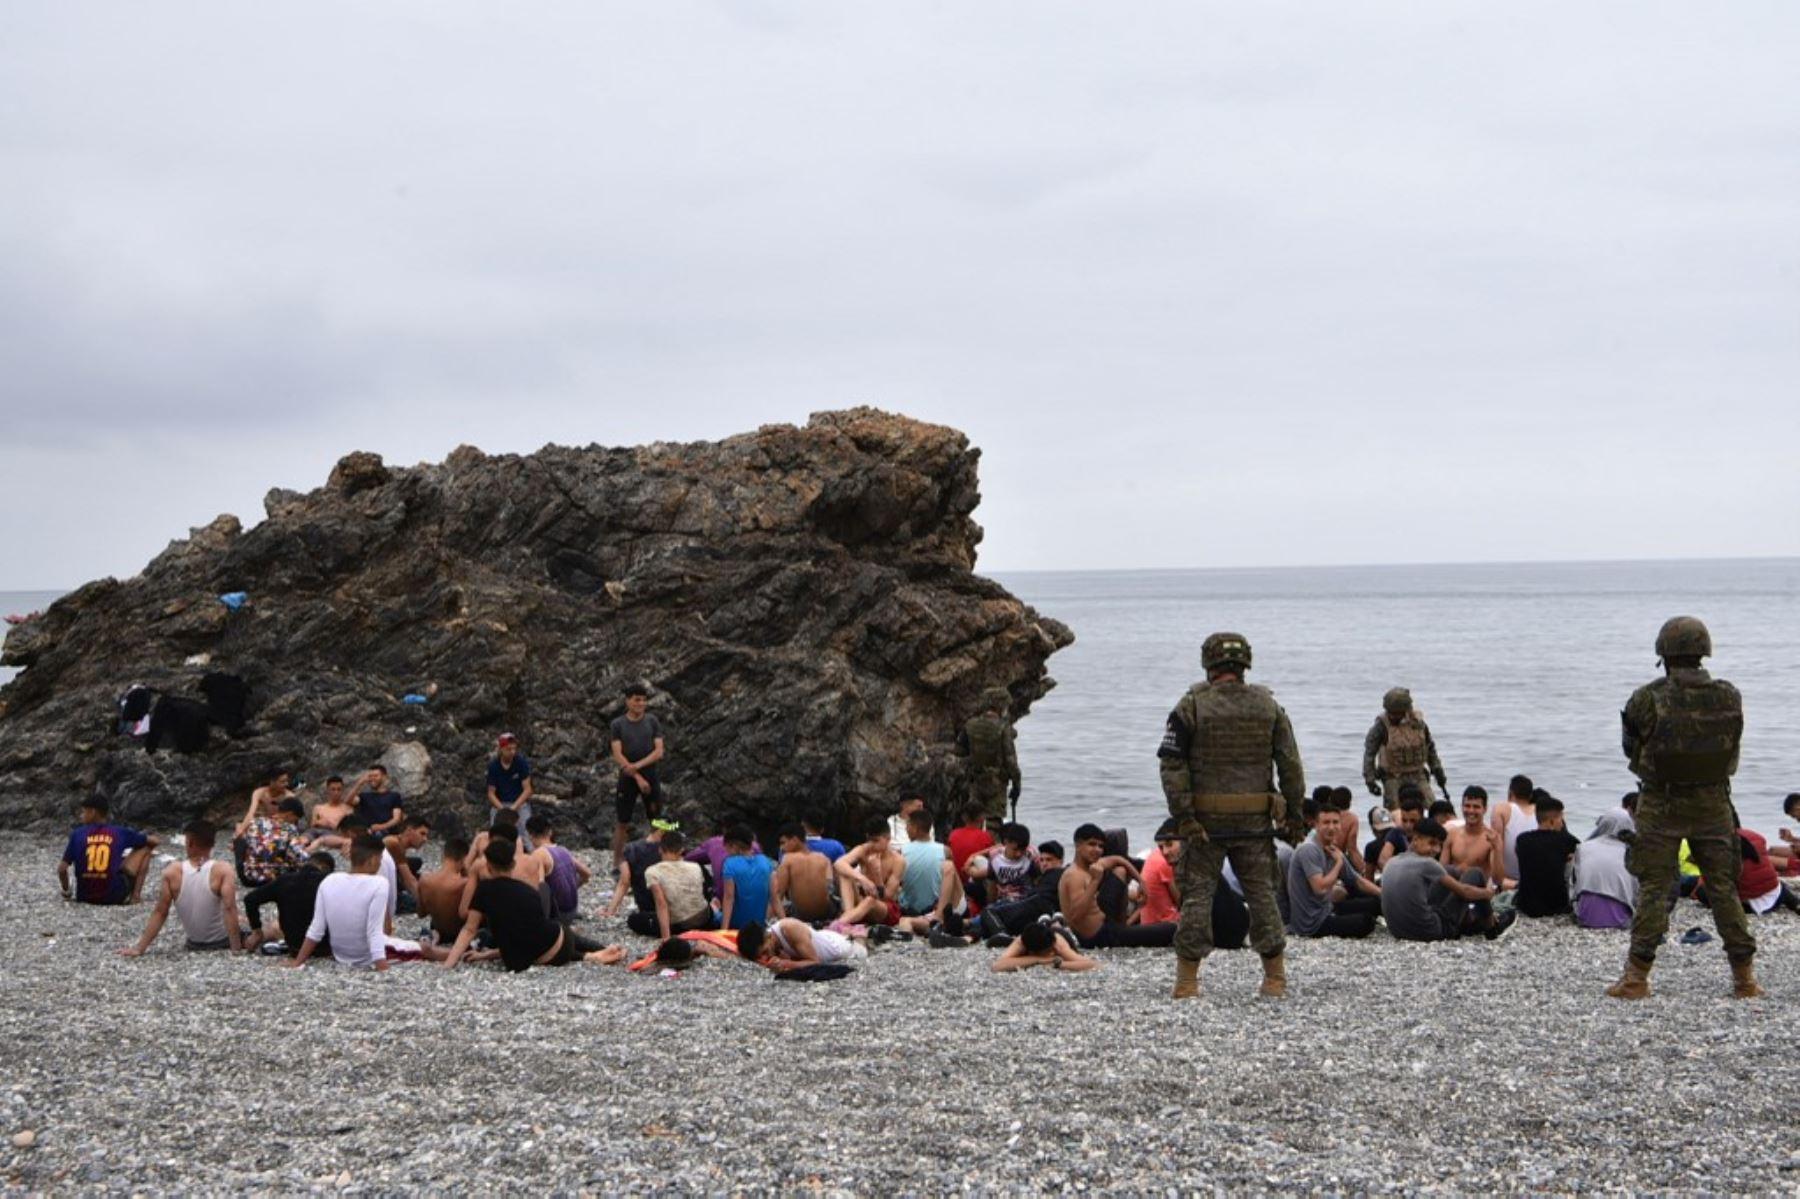 Los migrantes que llegaron nadando al enclave español de Ceuta, descansan mientras los soldados españoles hacen guardia el 18 de mayo de 2021 en Ceuta.  España ha devuelto a Marruecos casi la mitad de los 6.000 migrantes que entraron en su enclave de Ceuta, mientras cientos más intentaban entrar en su otro territorio del norte de África. Foto: AFP